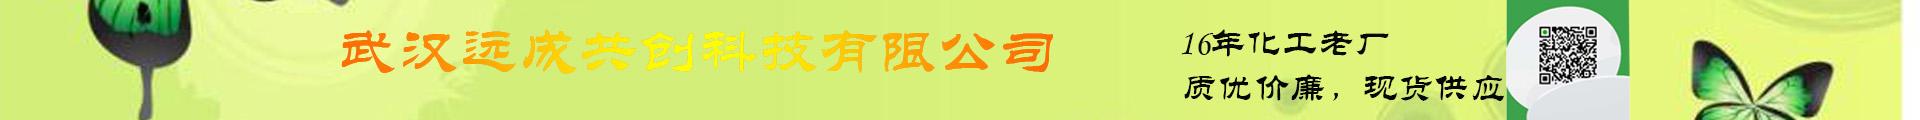 武漢遠成共創科技有限公司